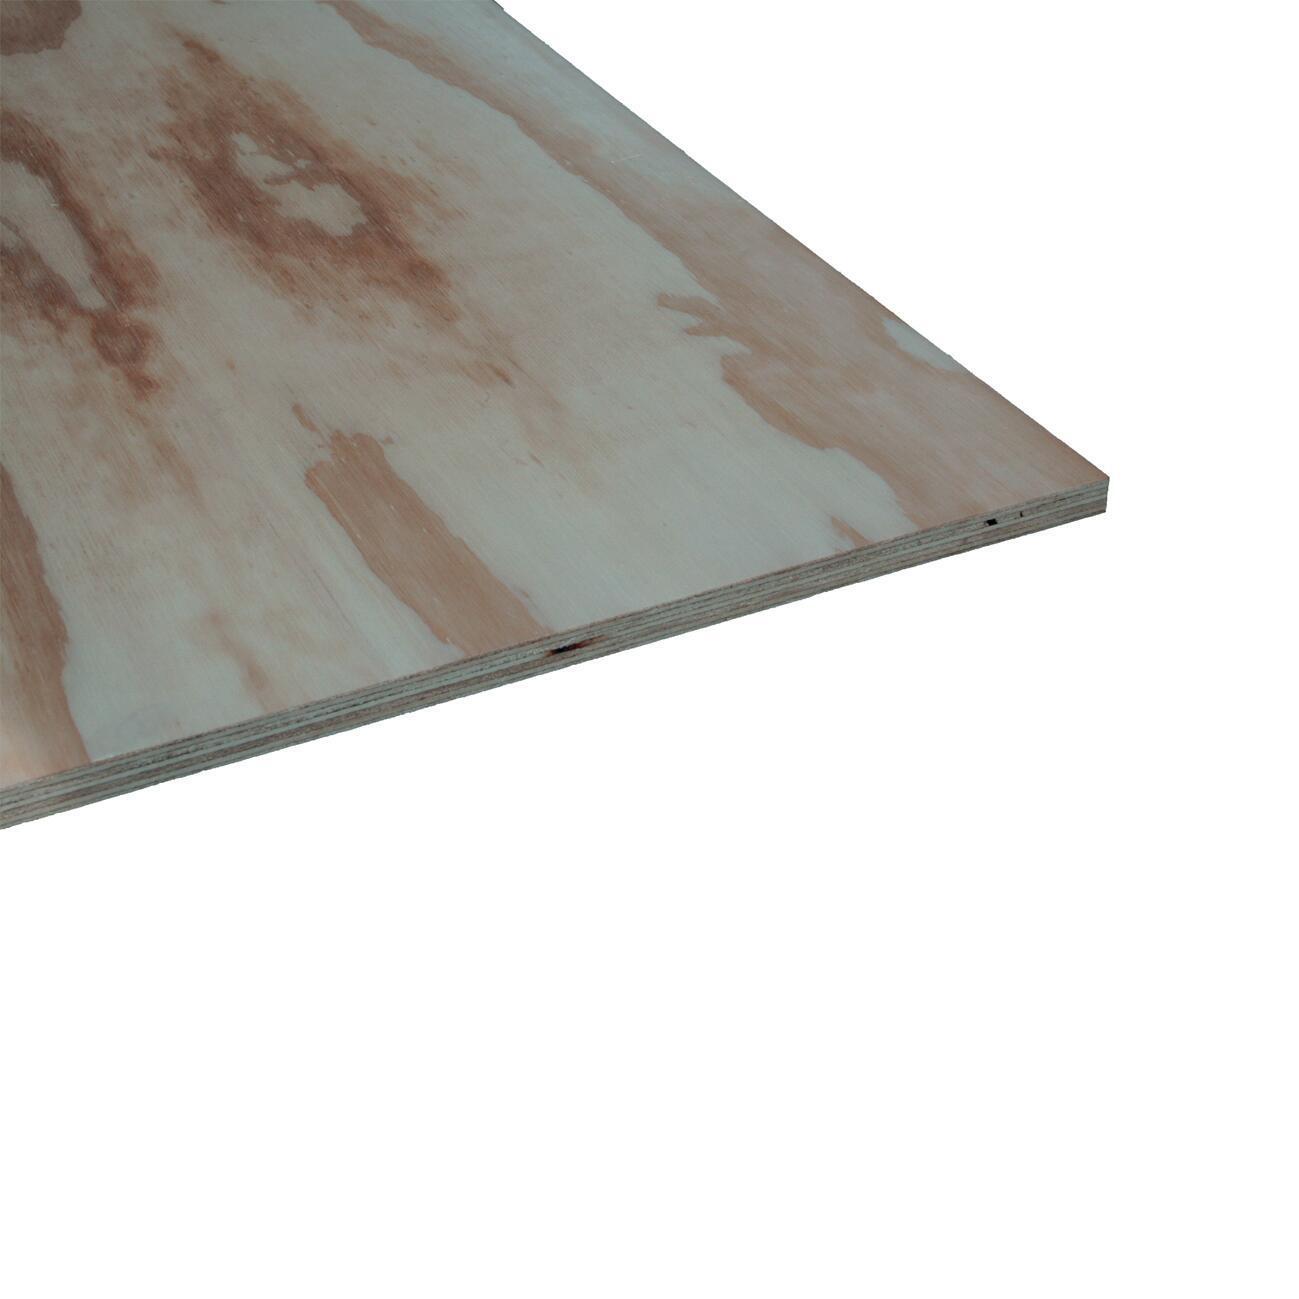 Pannello compensato pino L 244 x H 122 cm Sp 15 mm - 1